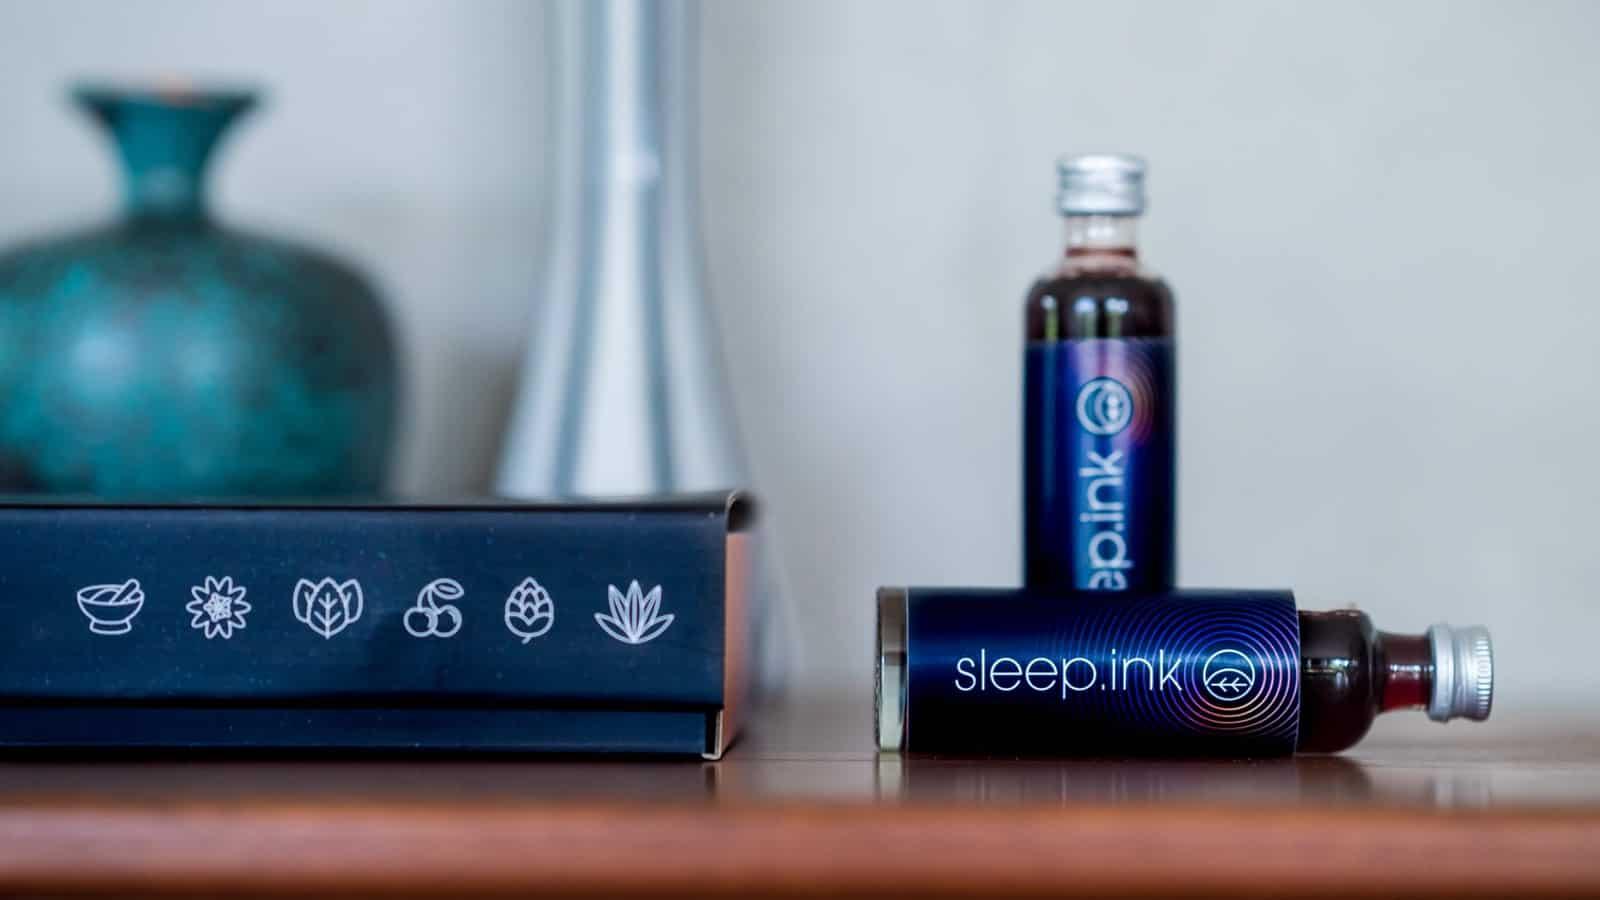 sleep.ink im Vergleich 2019- Was bringt der Schlafdrink wirklich?